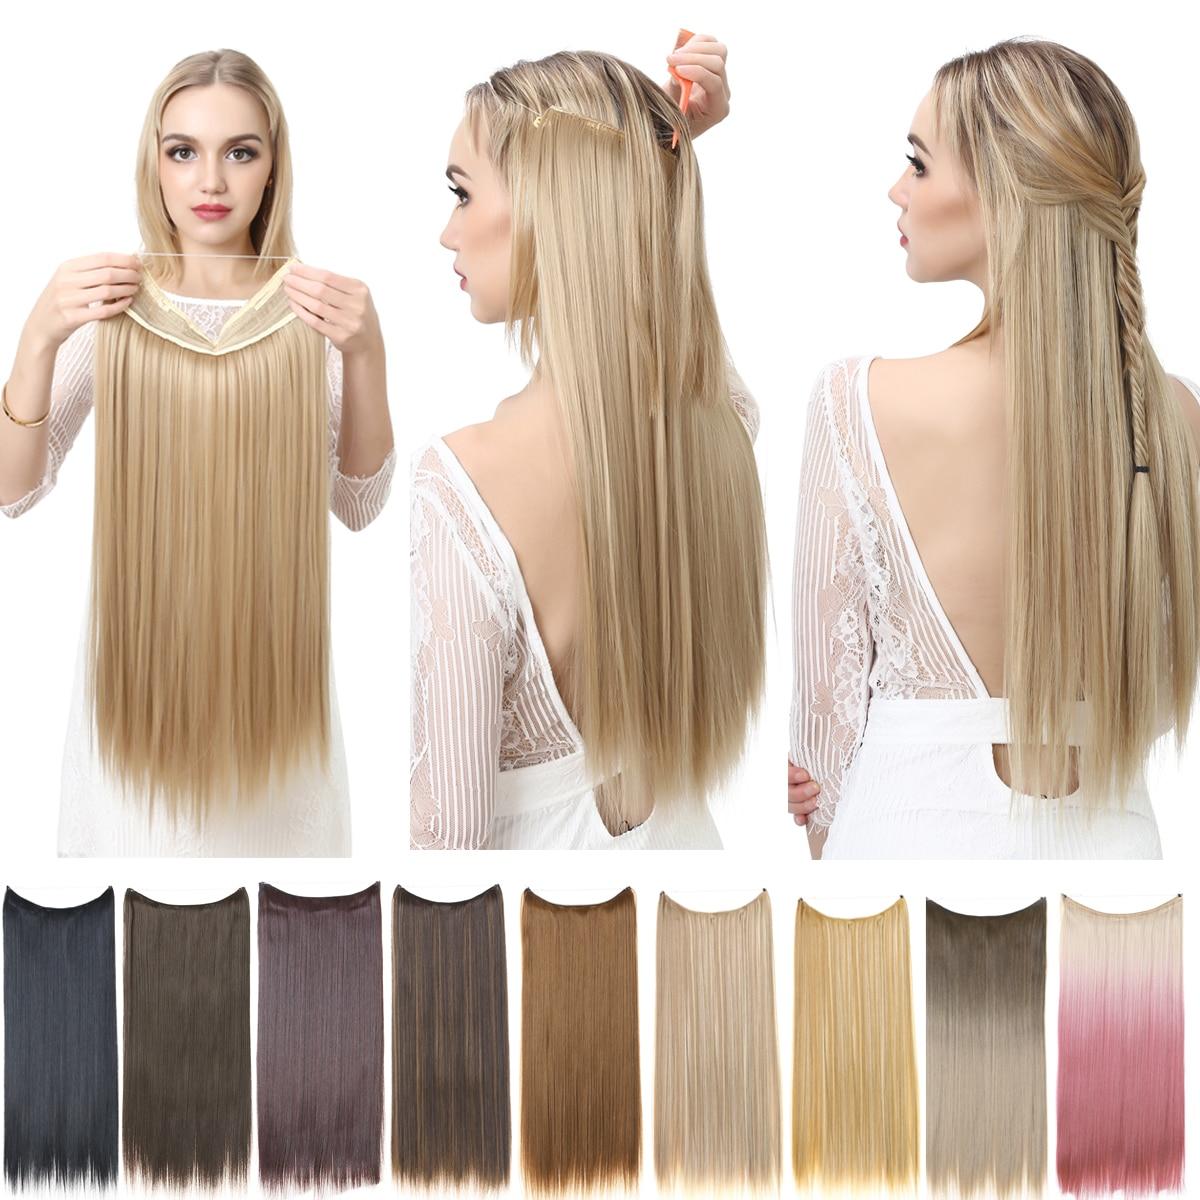 SARLA hiçbir klip Halo saç uzatma Ombre sentetik yapay doğal sahte yanlış uzun kısa düz postiş sarışın kadınlar için